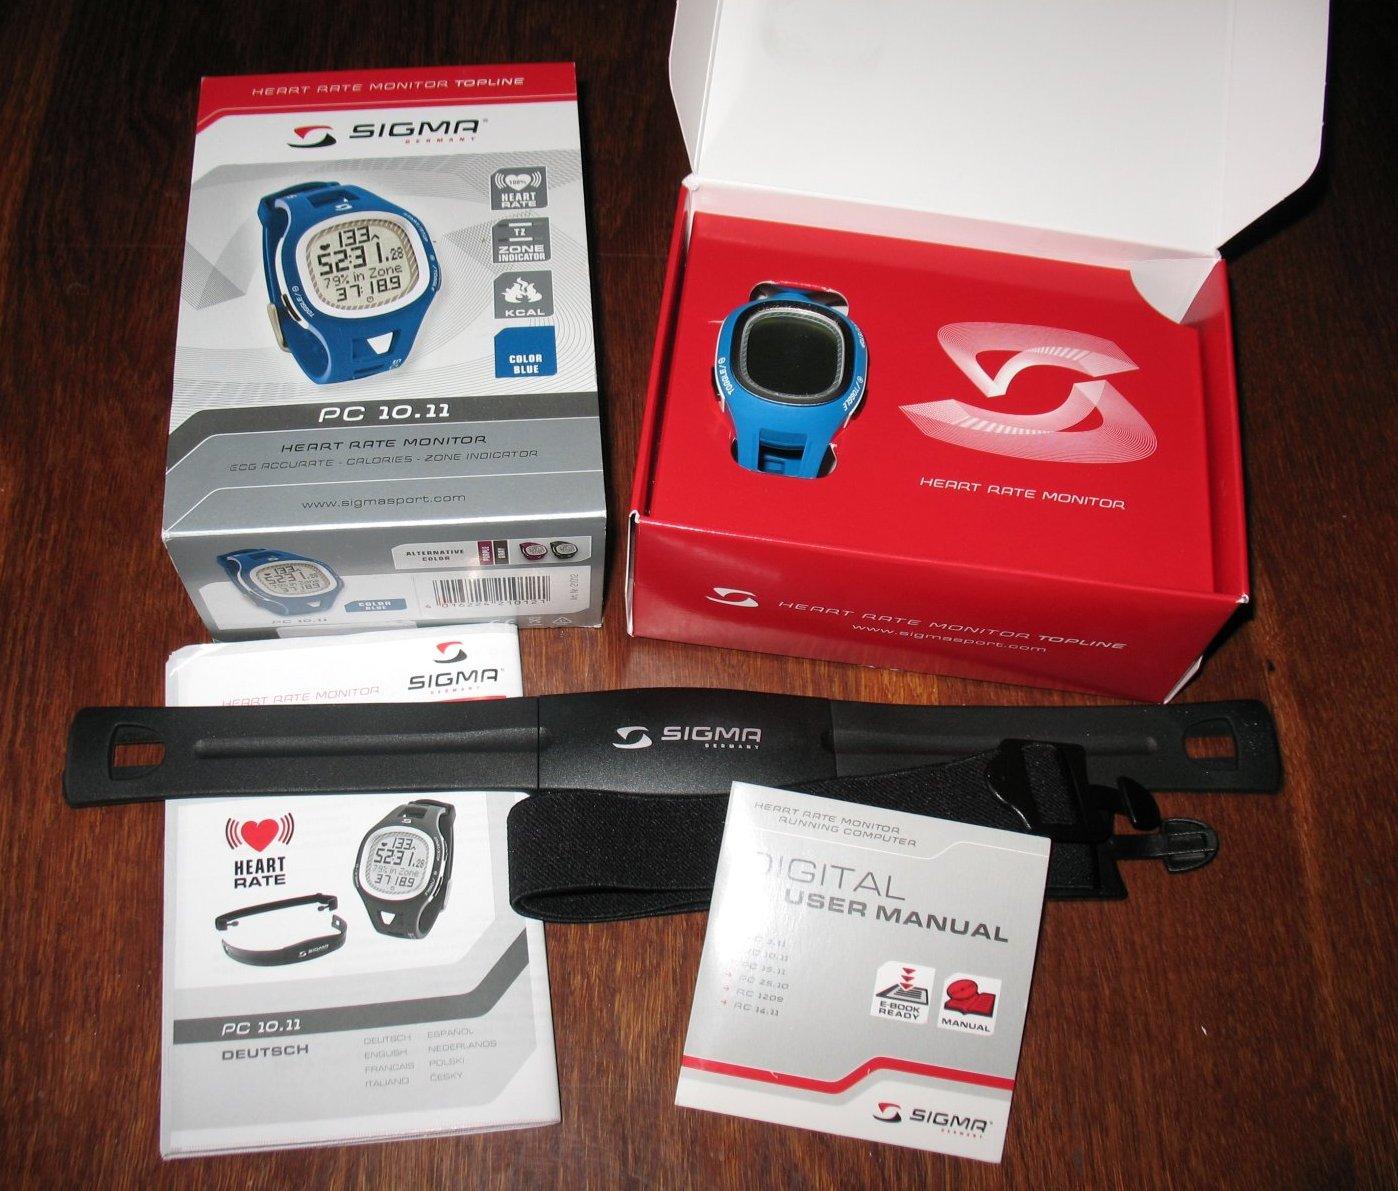 Спортивные_часы-пульсометр_Sigma_PC-10.11.jpg